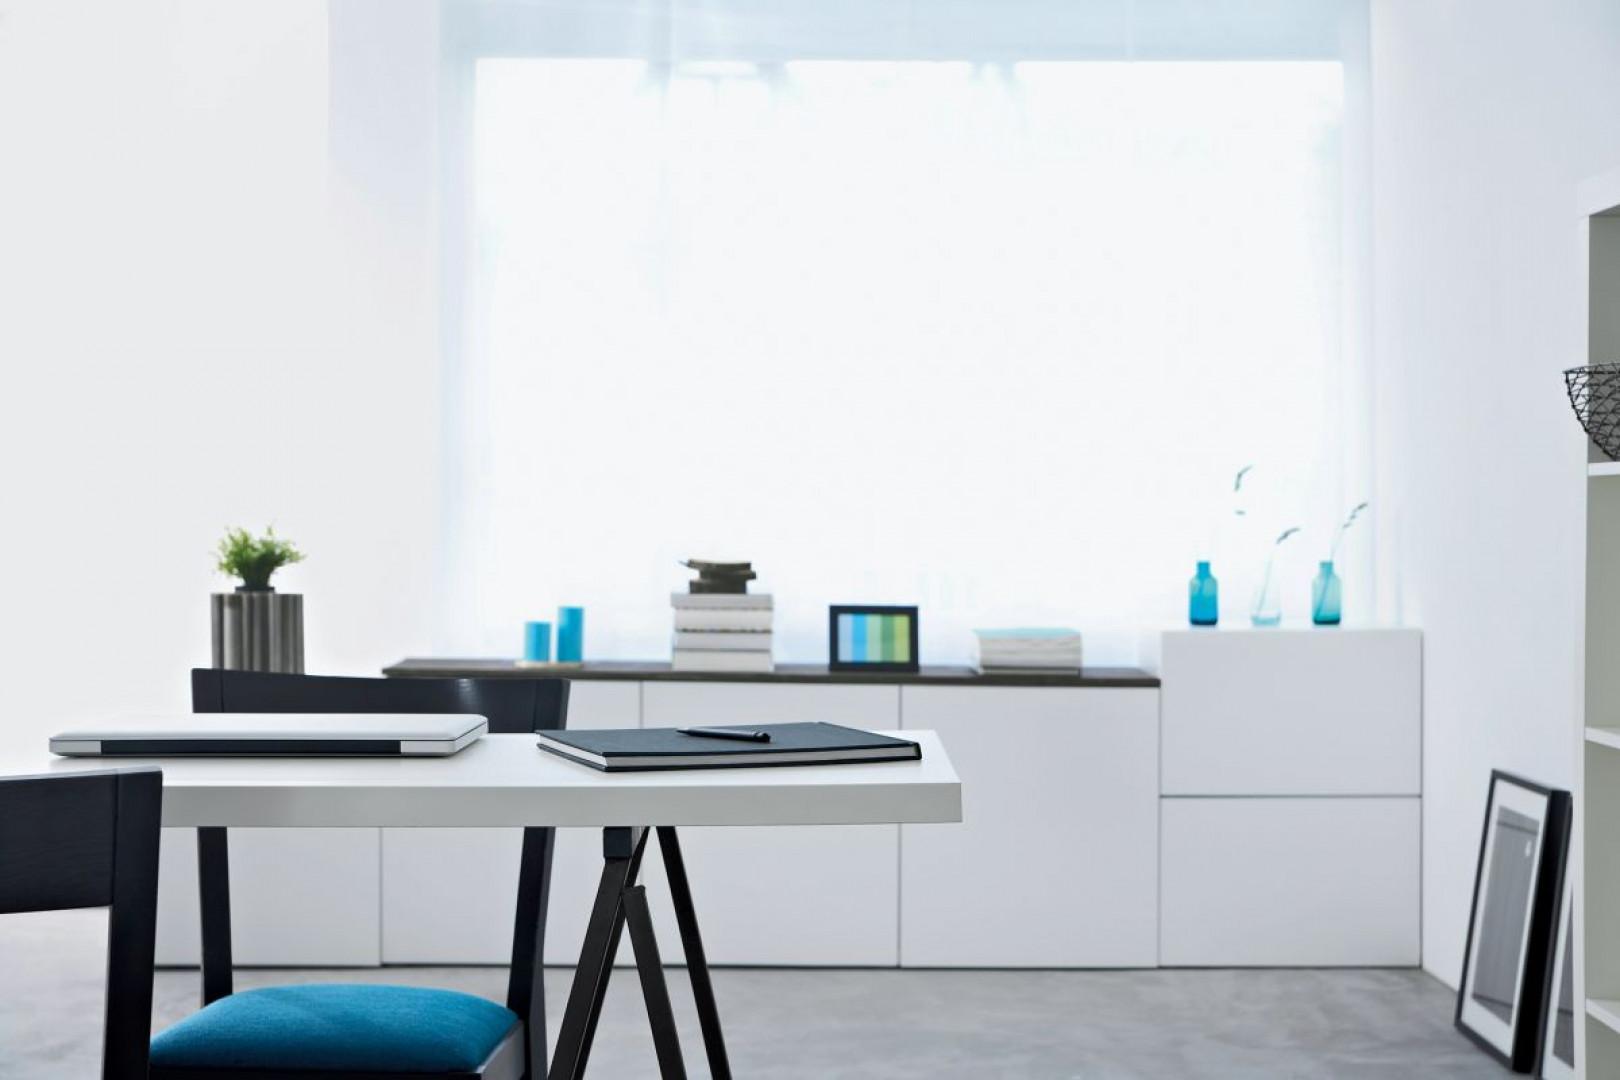 Aby zadbać o zdrowie i komfort pracowników, producenci laminatów rekomendują zastosowanie powierzchni, które są odporne na ślady palców. Fot. Pfleiderer